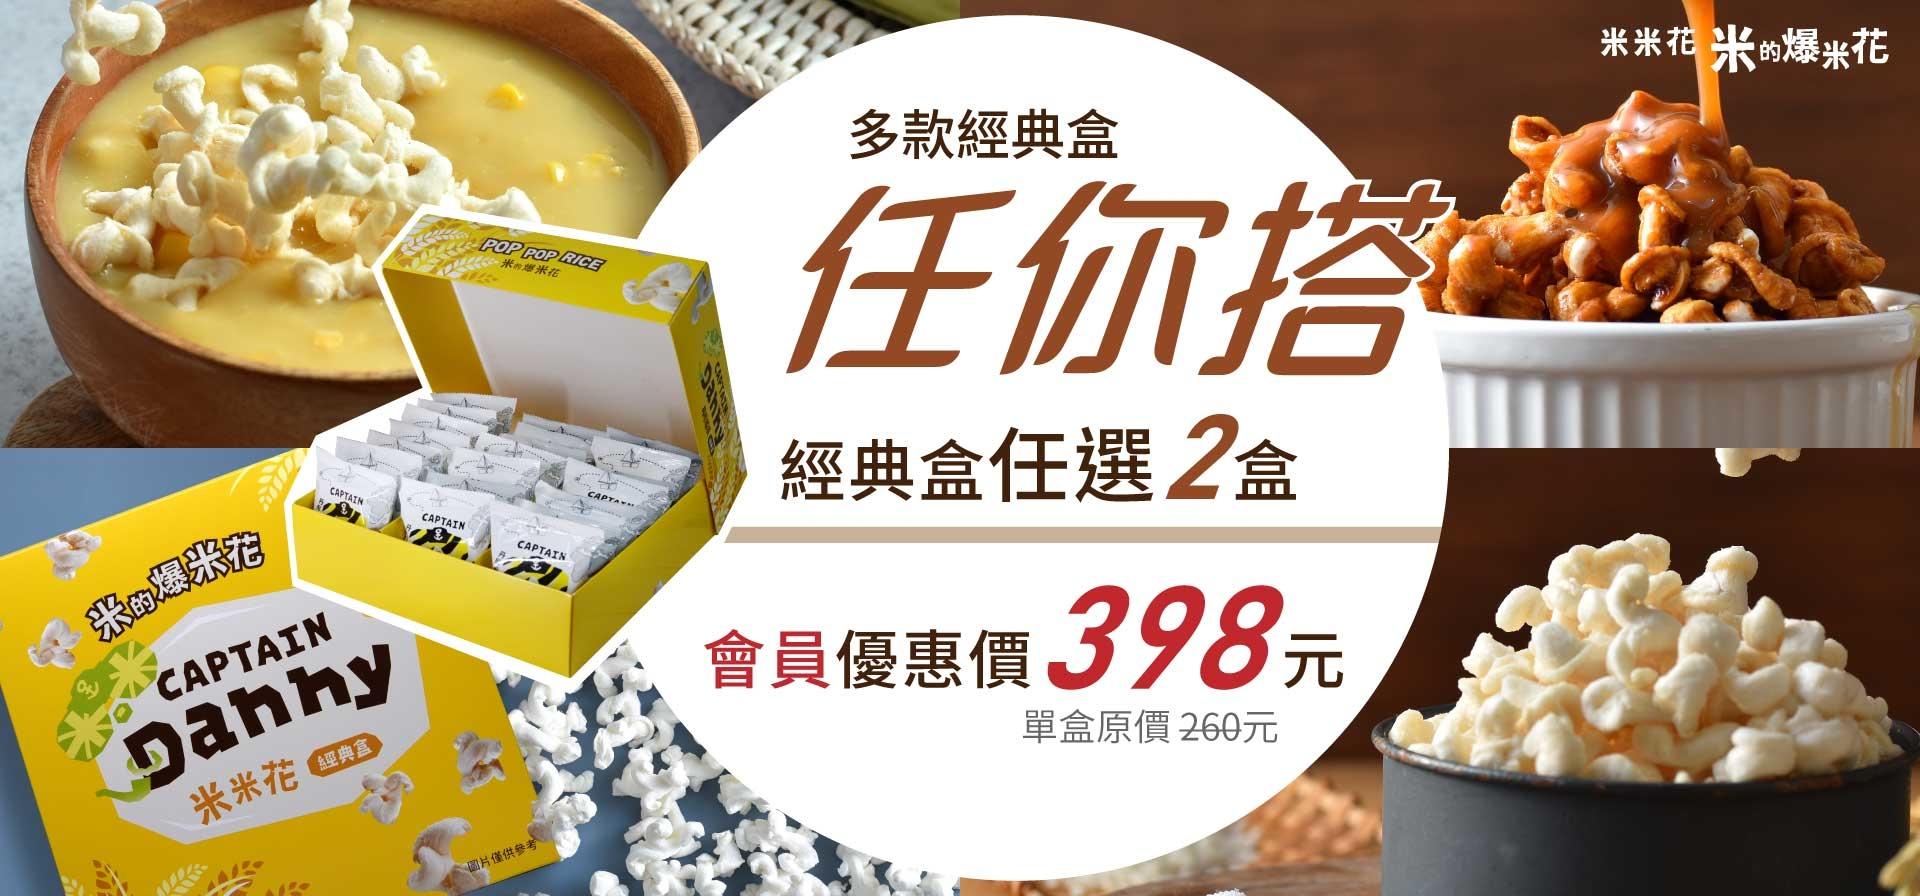 丹尼船長-米米花-米的爆米花-五款經典盒任選2盒398元